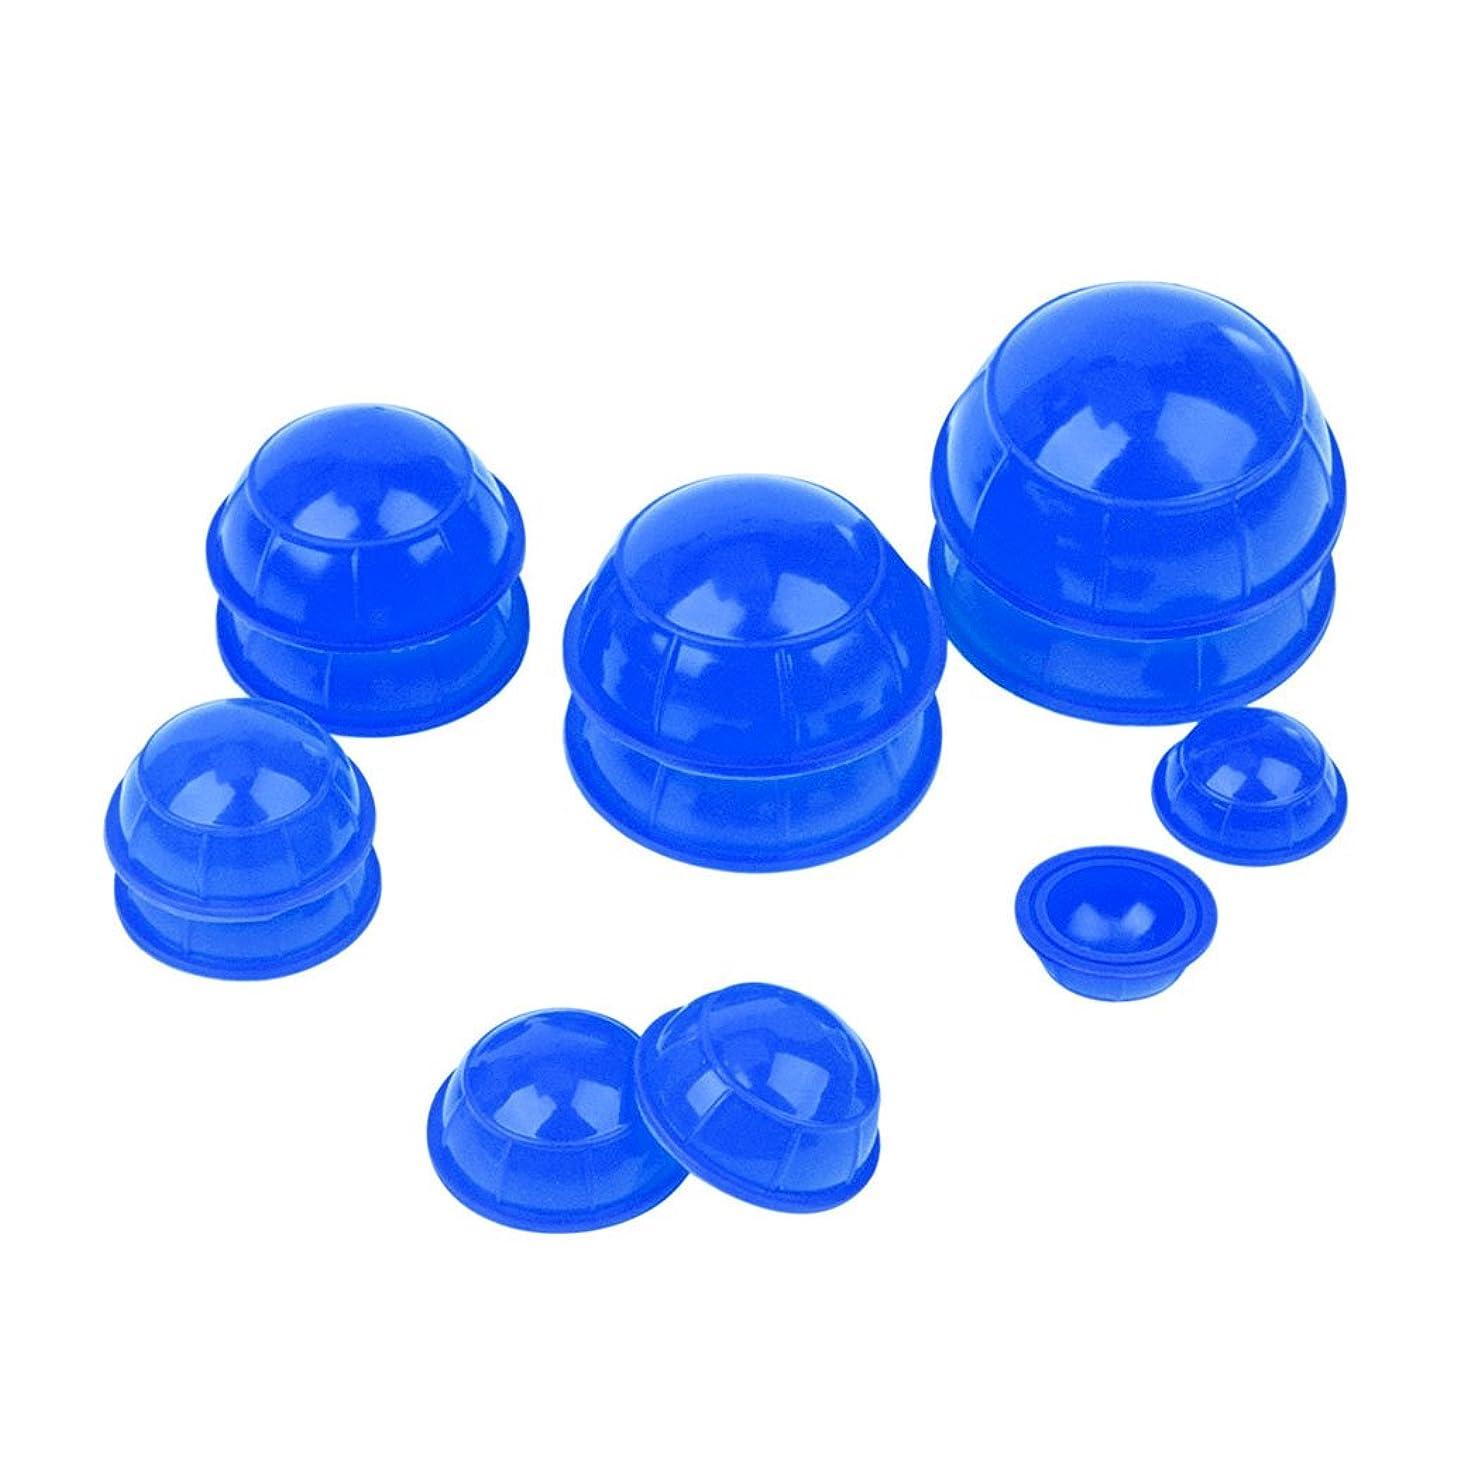 航空機閉じ込める意志(inkint)マッサージ吸い玉 カッピングカップ 12個セット ネック 顔全身マッサージ (ブルー)